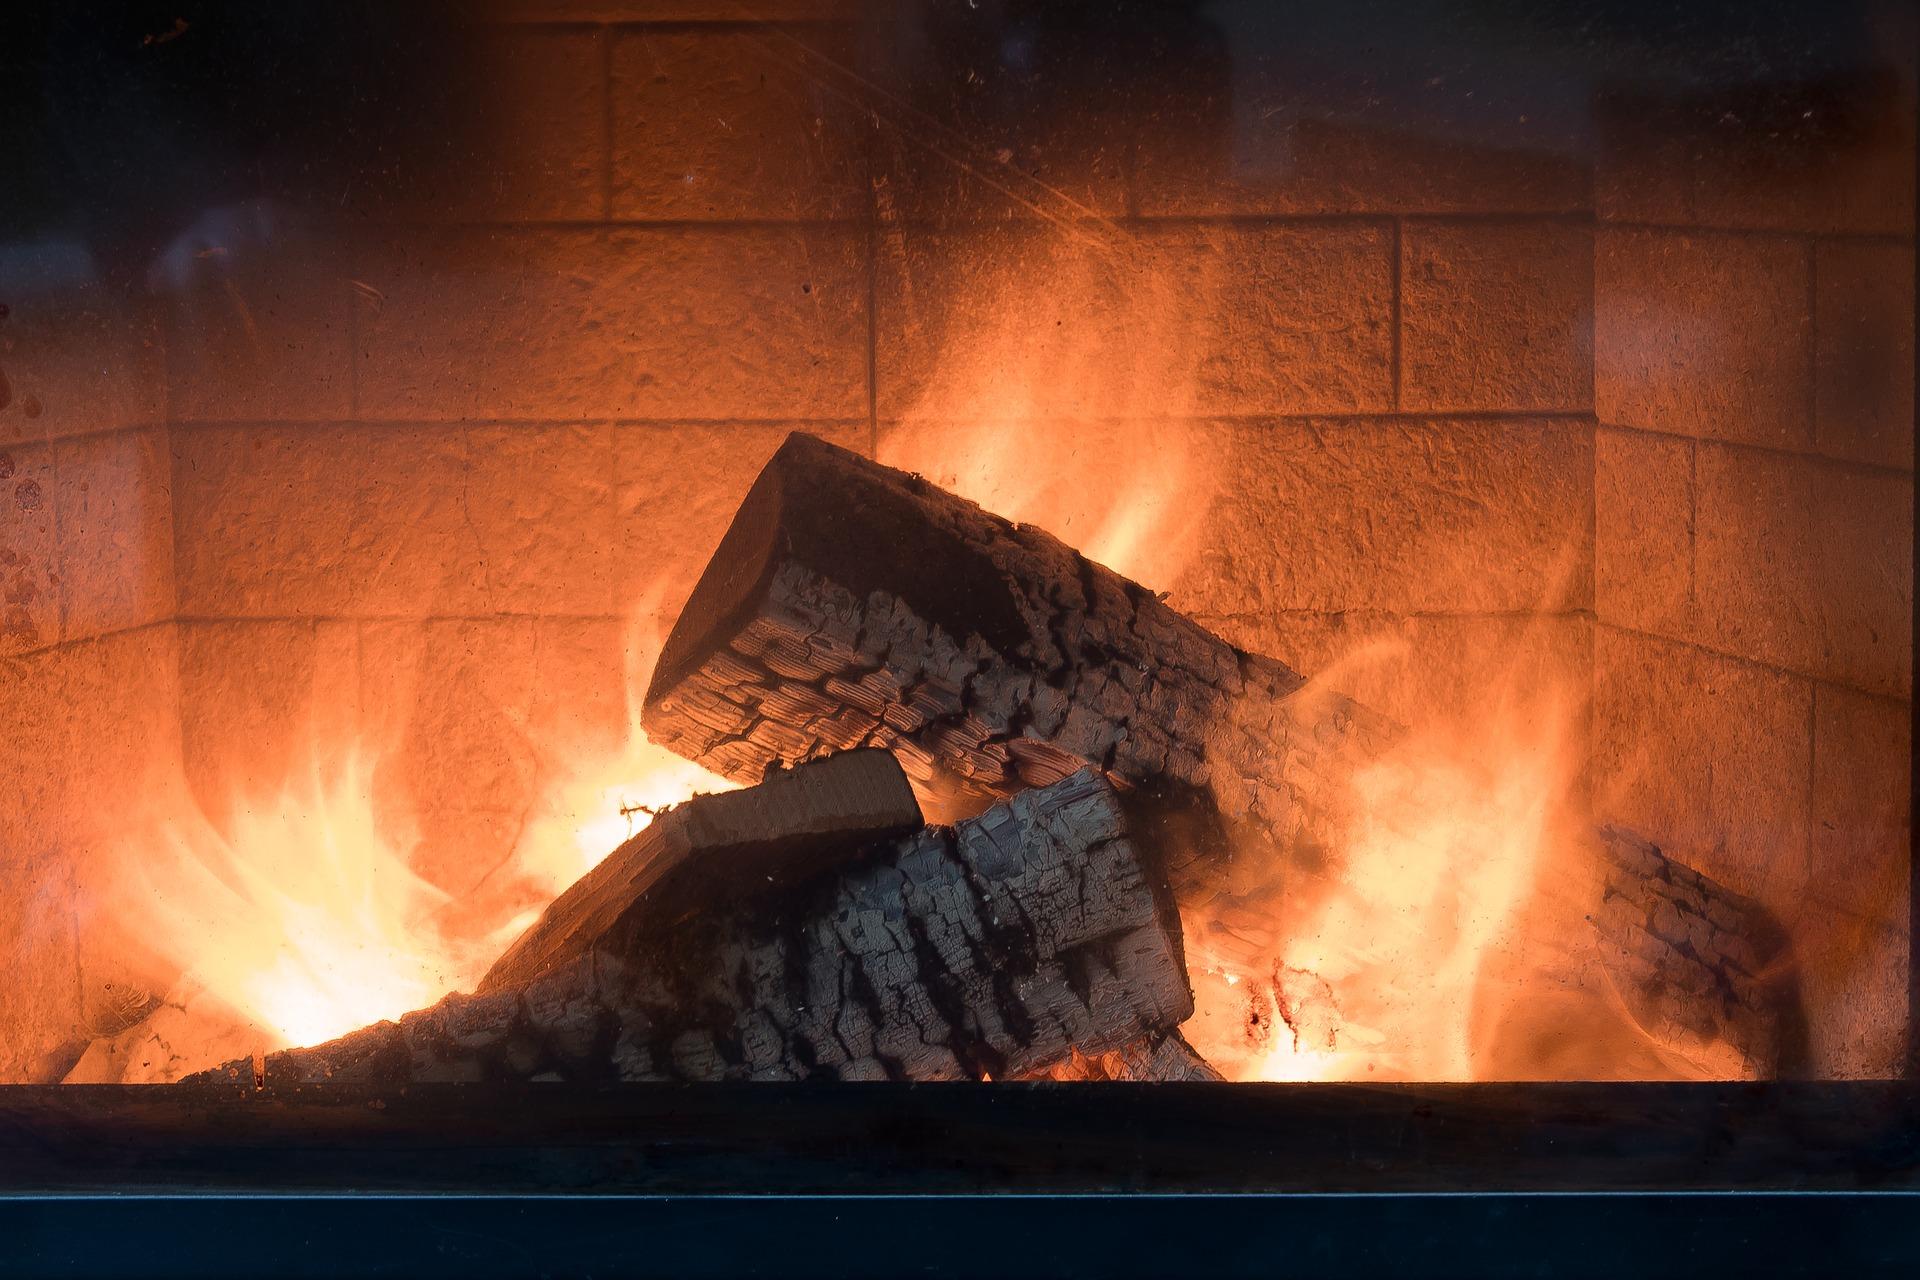 Gefährliche Kombi: Kamin und Dunstabzugshaube